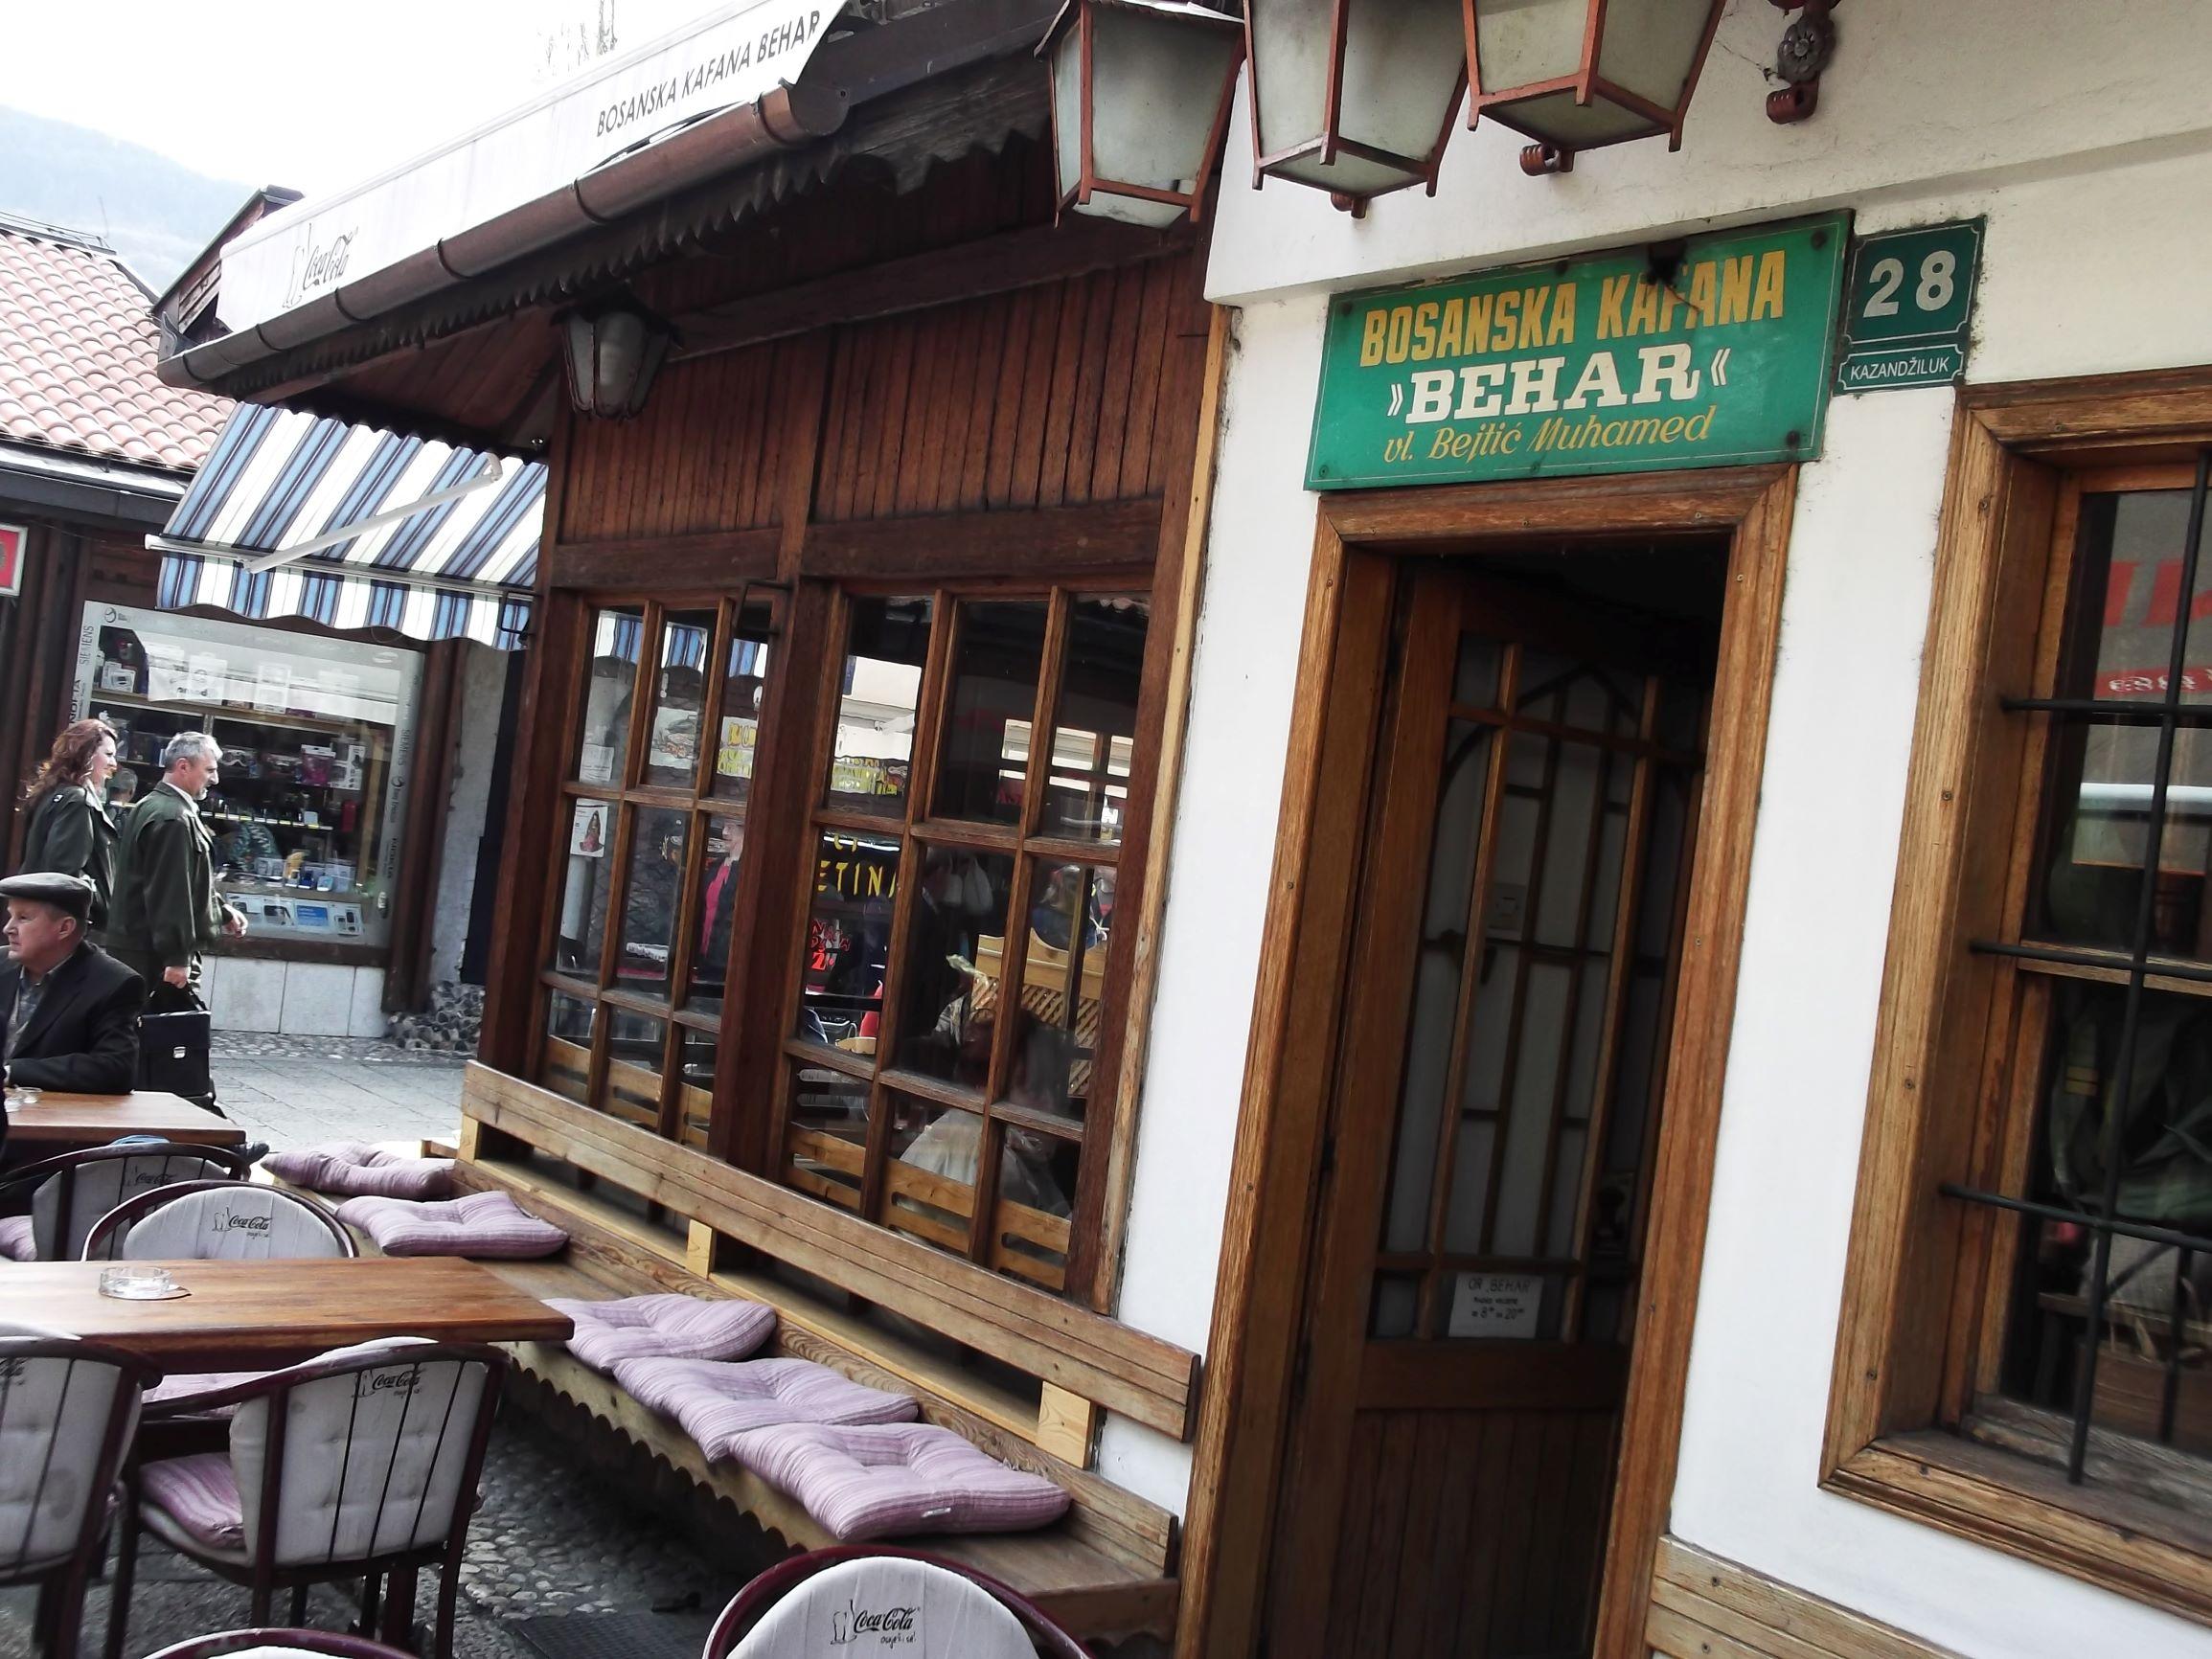 Sarajevo, bosanska kafana.